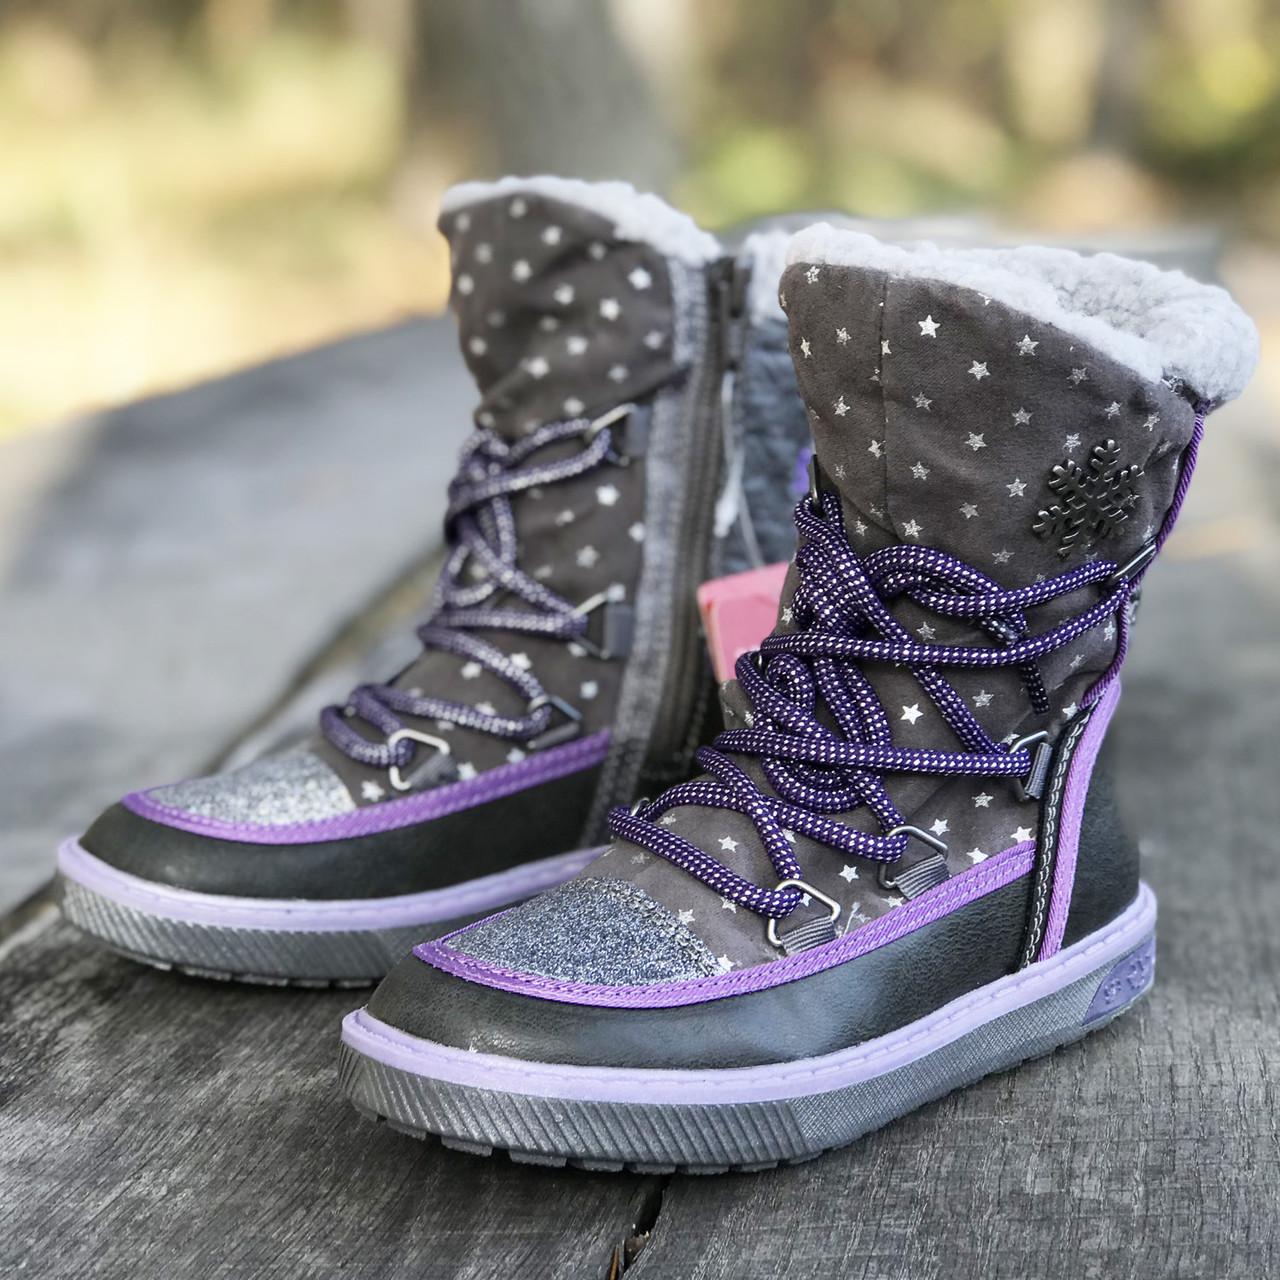 650d020569b8 Утепленные сапожки S.Oliver (Германия) р 27. Интернет-магазин брендовой  обуви